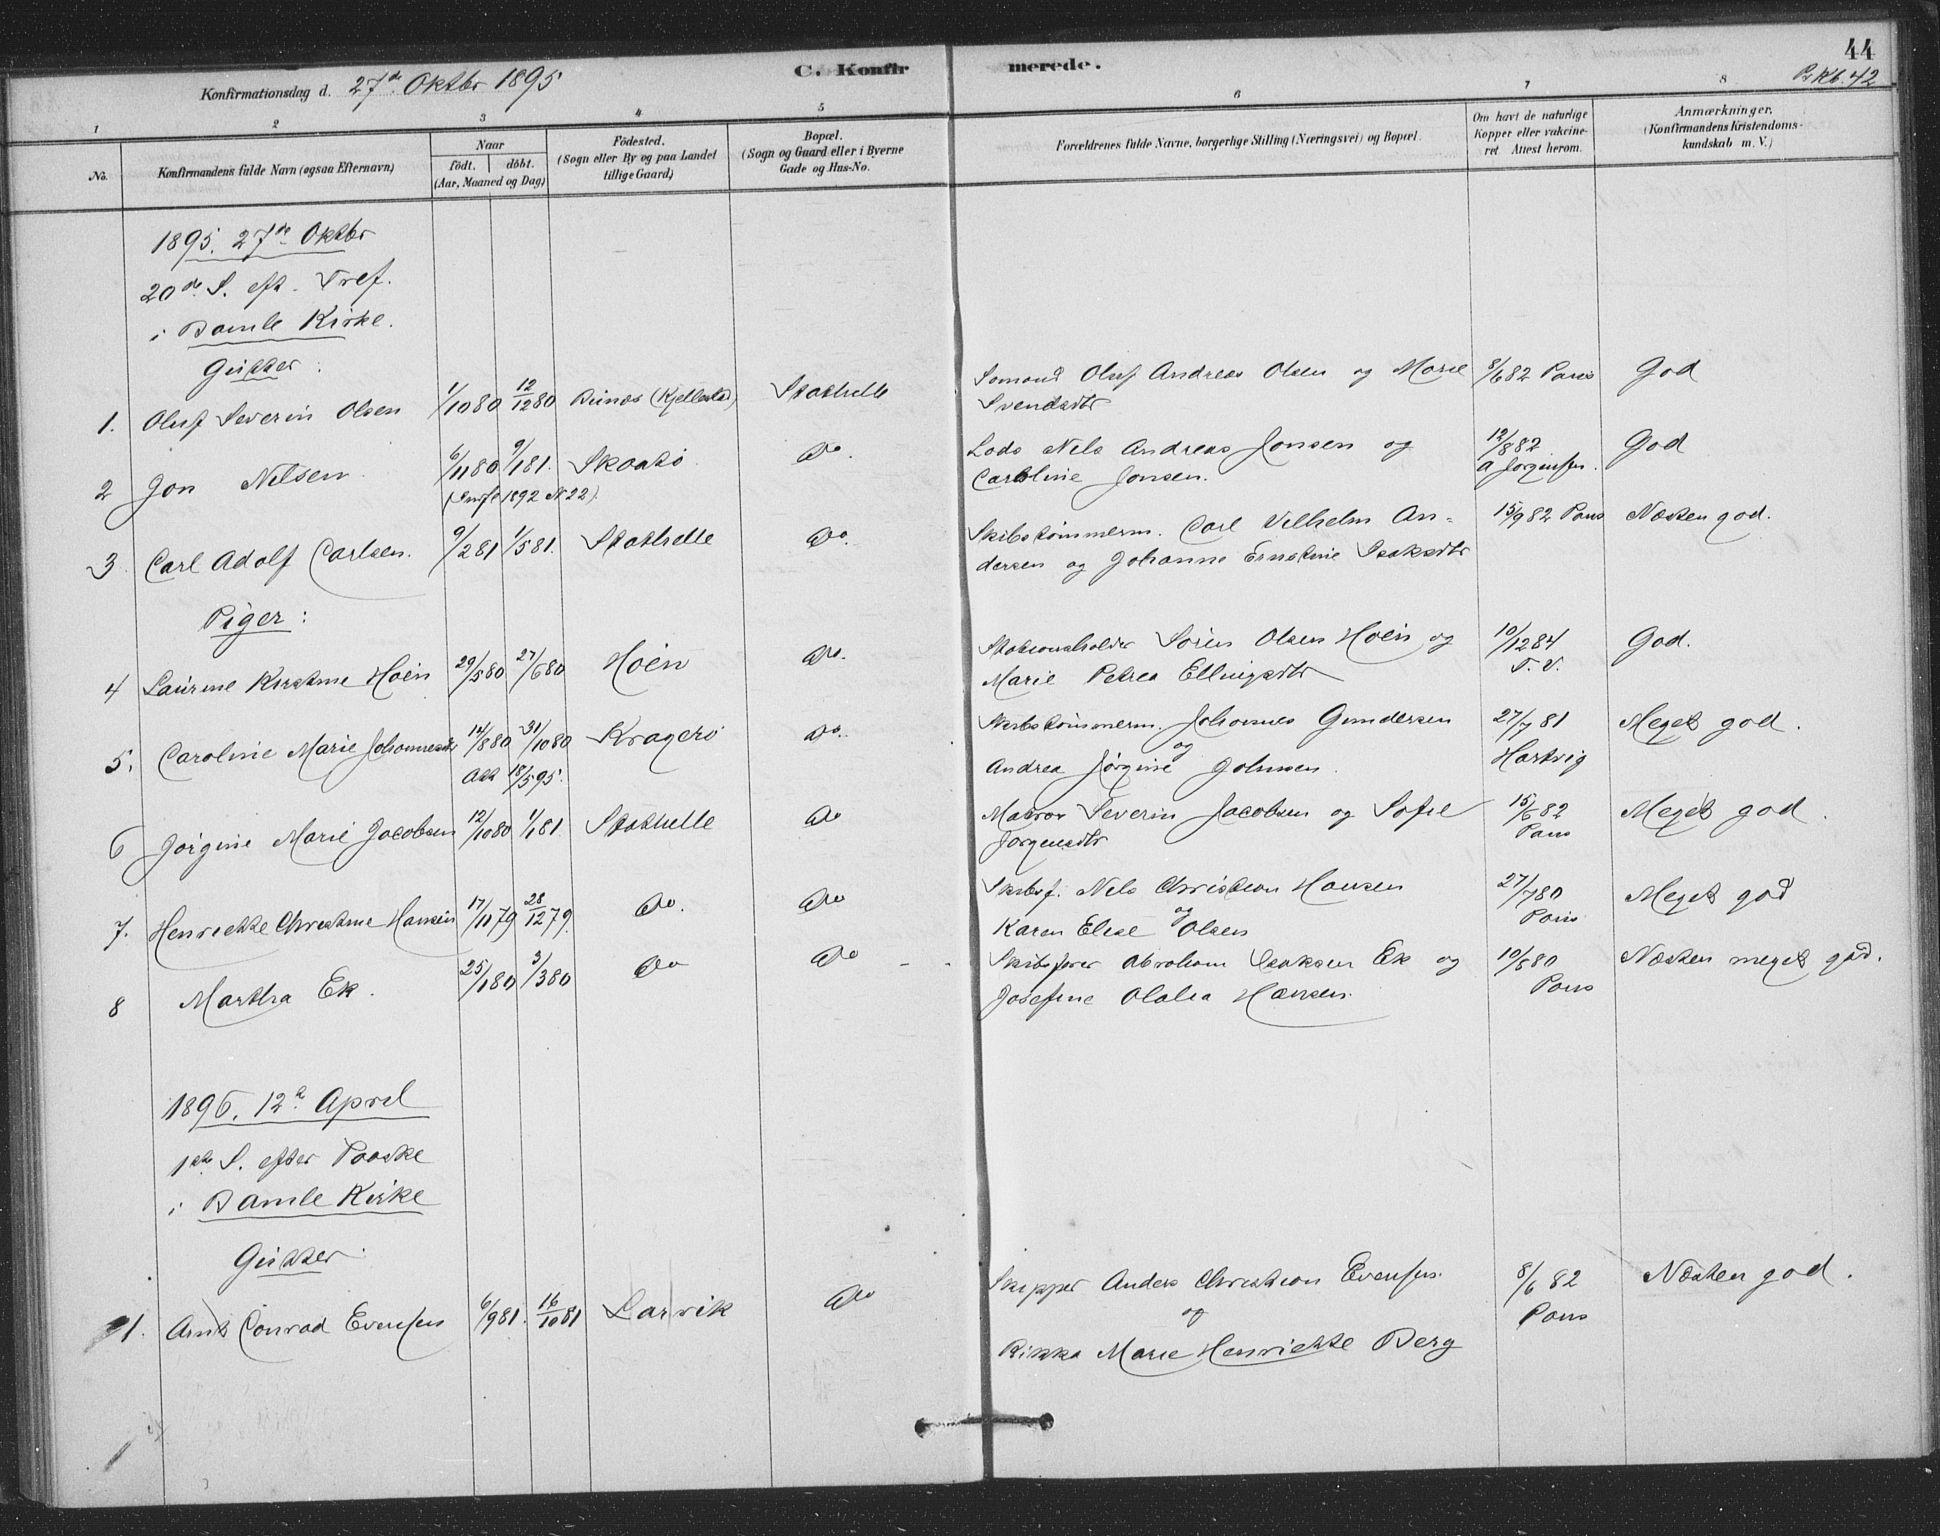 SAKO, Bamble kirkebøker, F/Fb/L0001: Ministerialbok nr. II 1, 1878-1899, s. 44